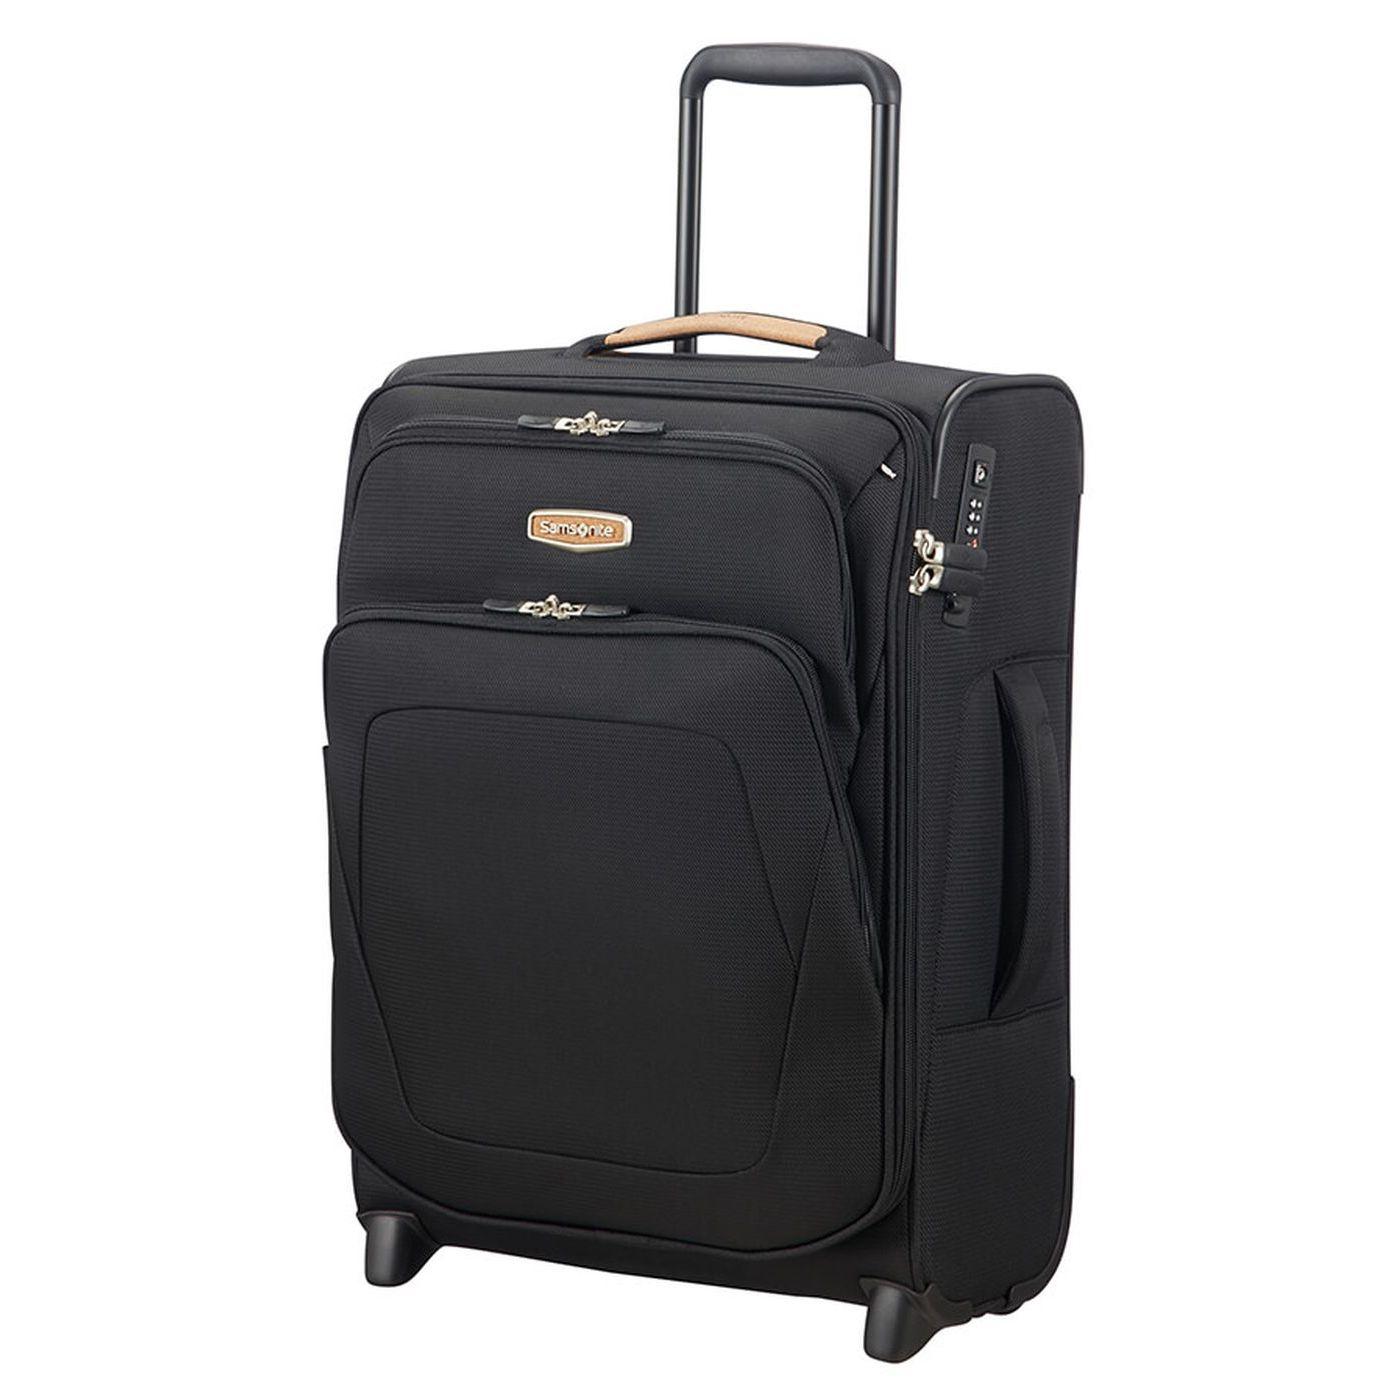 Cestovný kufor Samsonite Spark SNG Eco Upright 55 Exp. CN1 001 zväčšiť  obrázok 64bfa7ef9ba